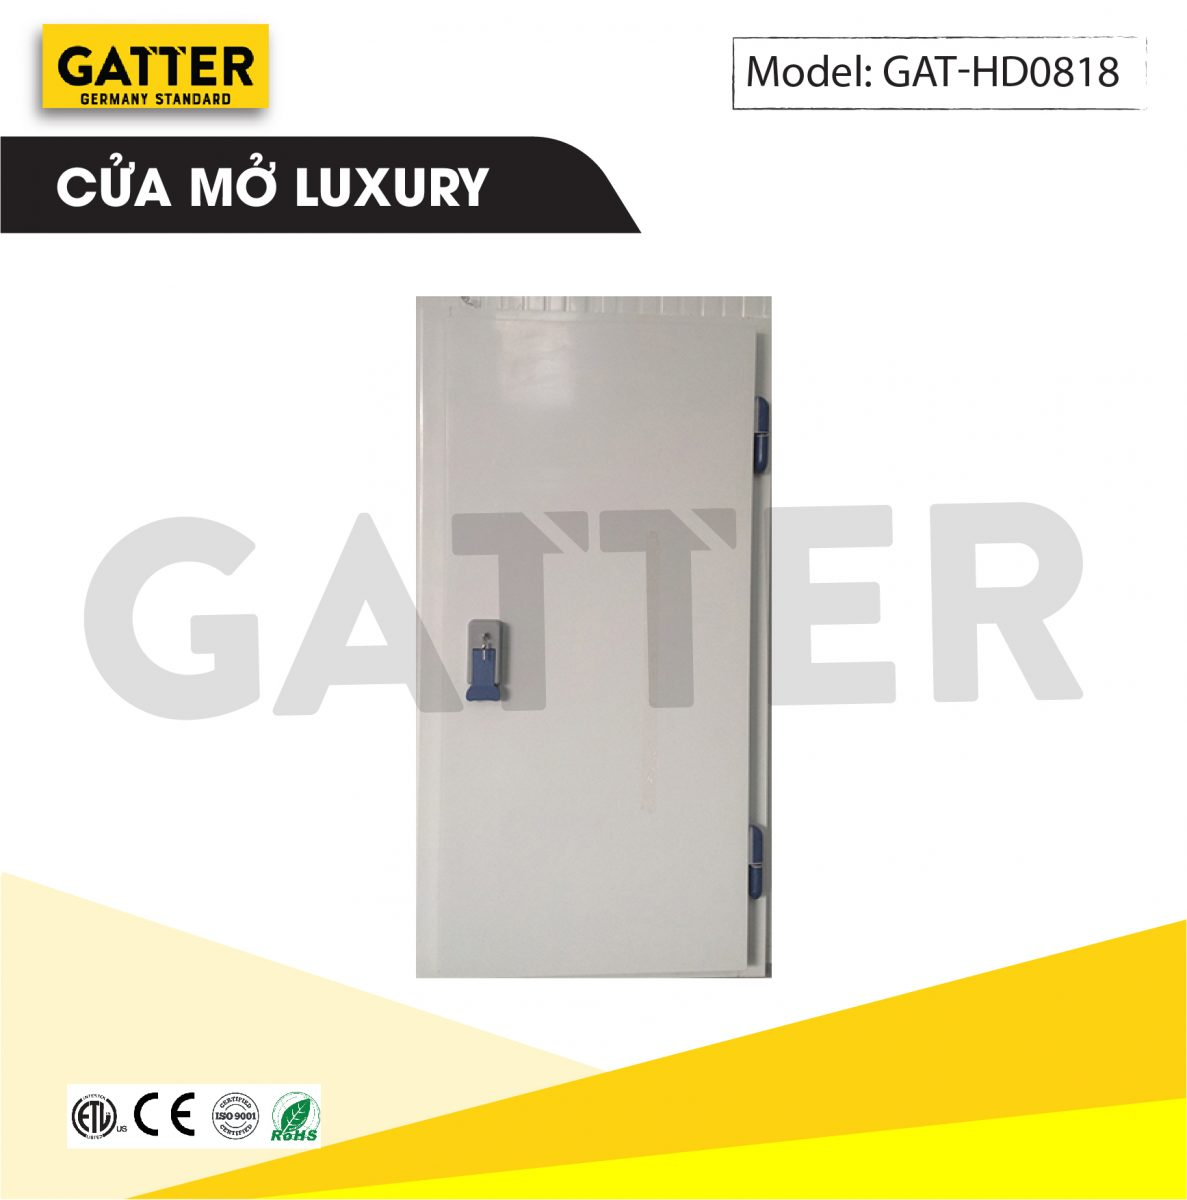 Cửa mở kho lạnh cao cấp Luxury GAT-HD/0818